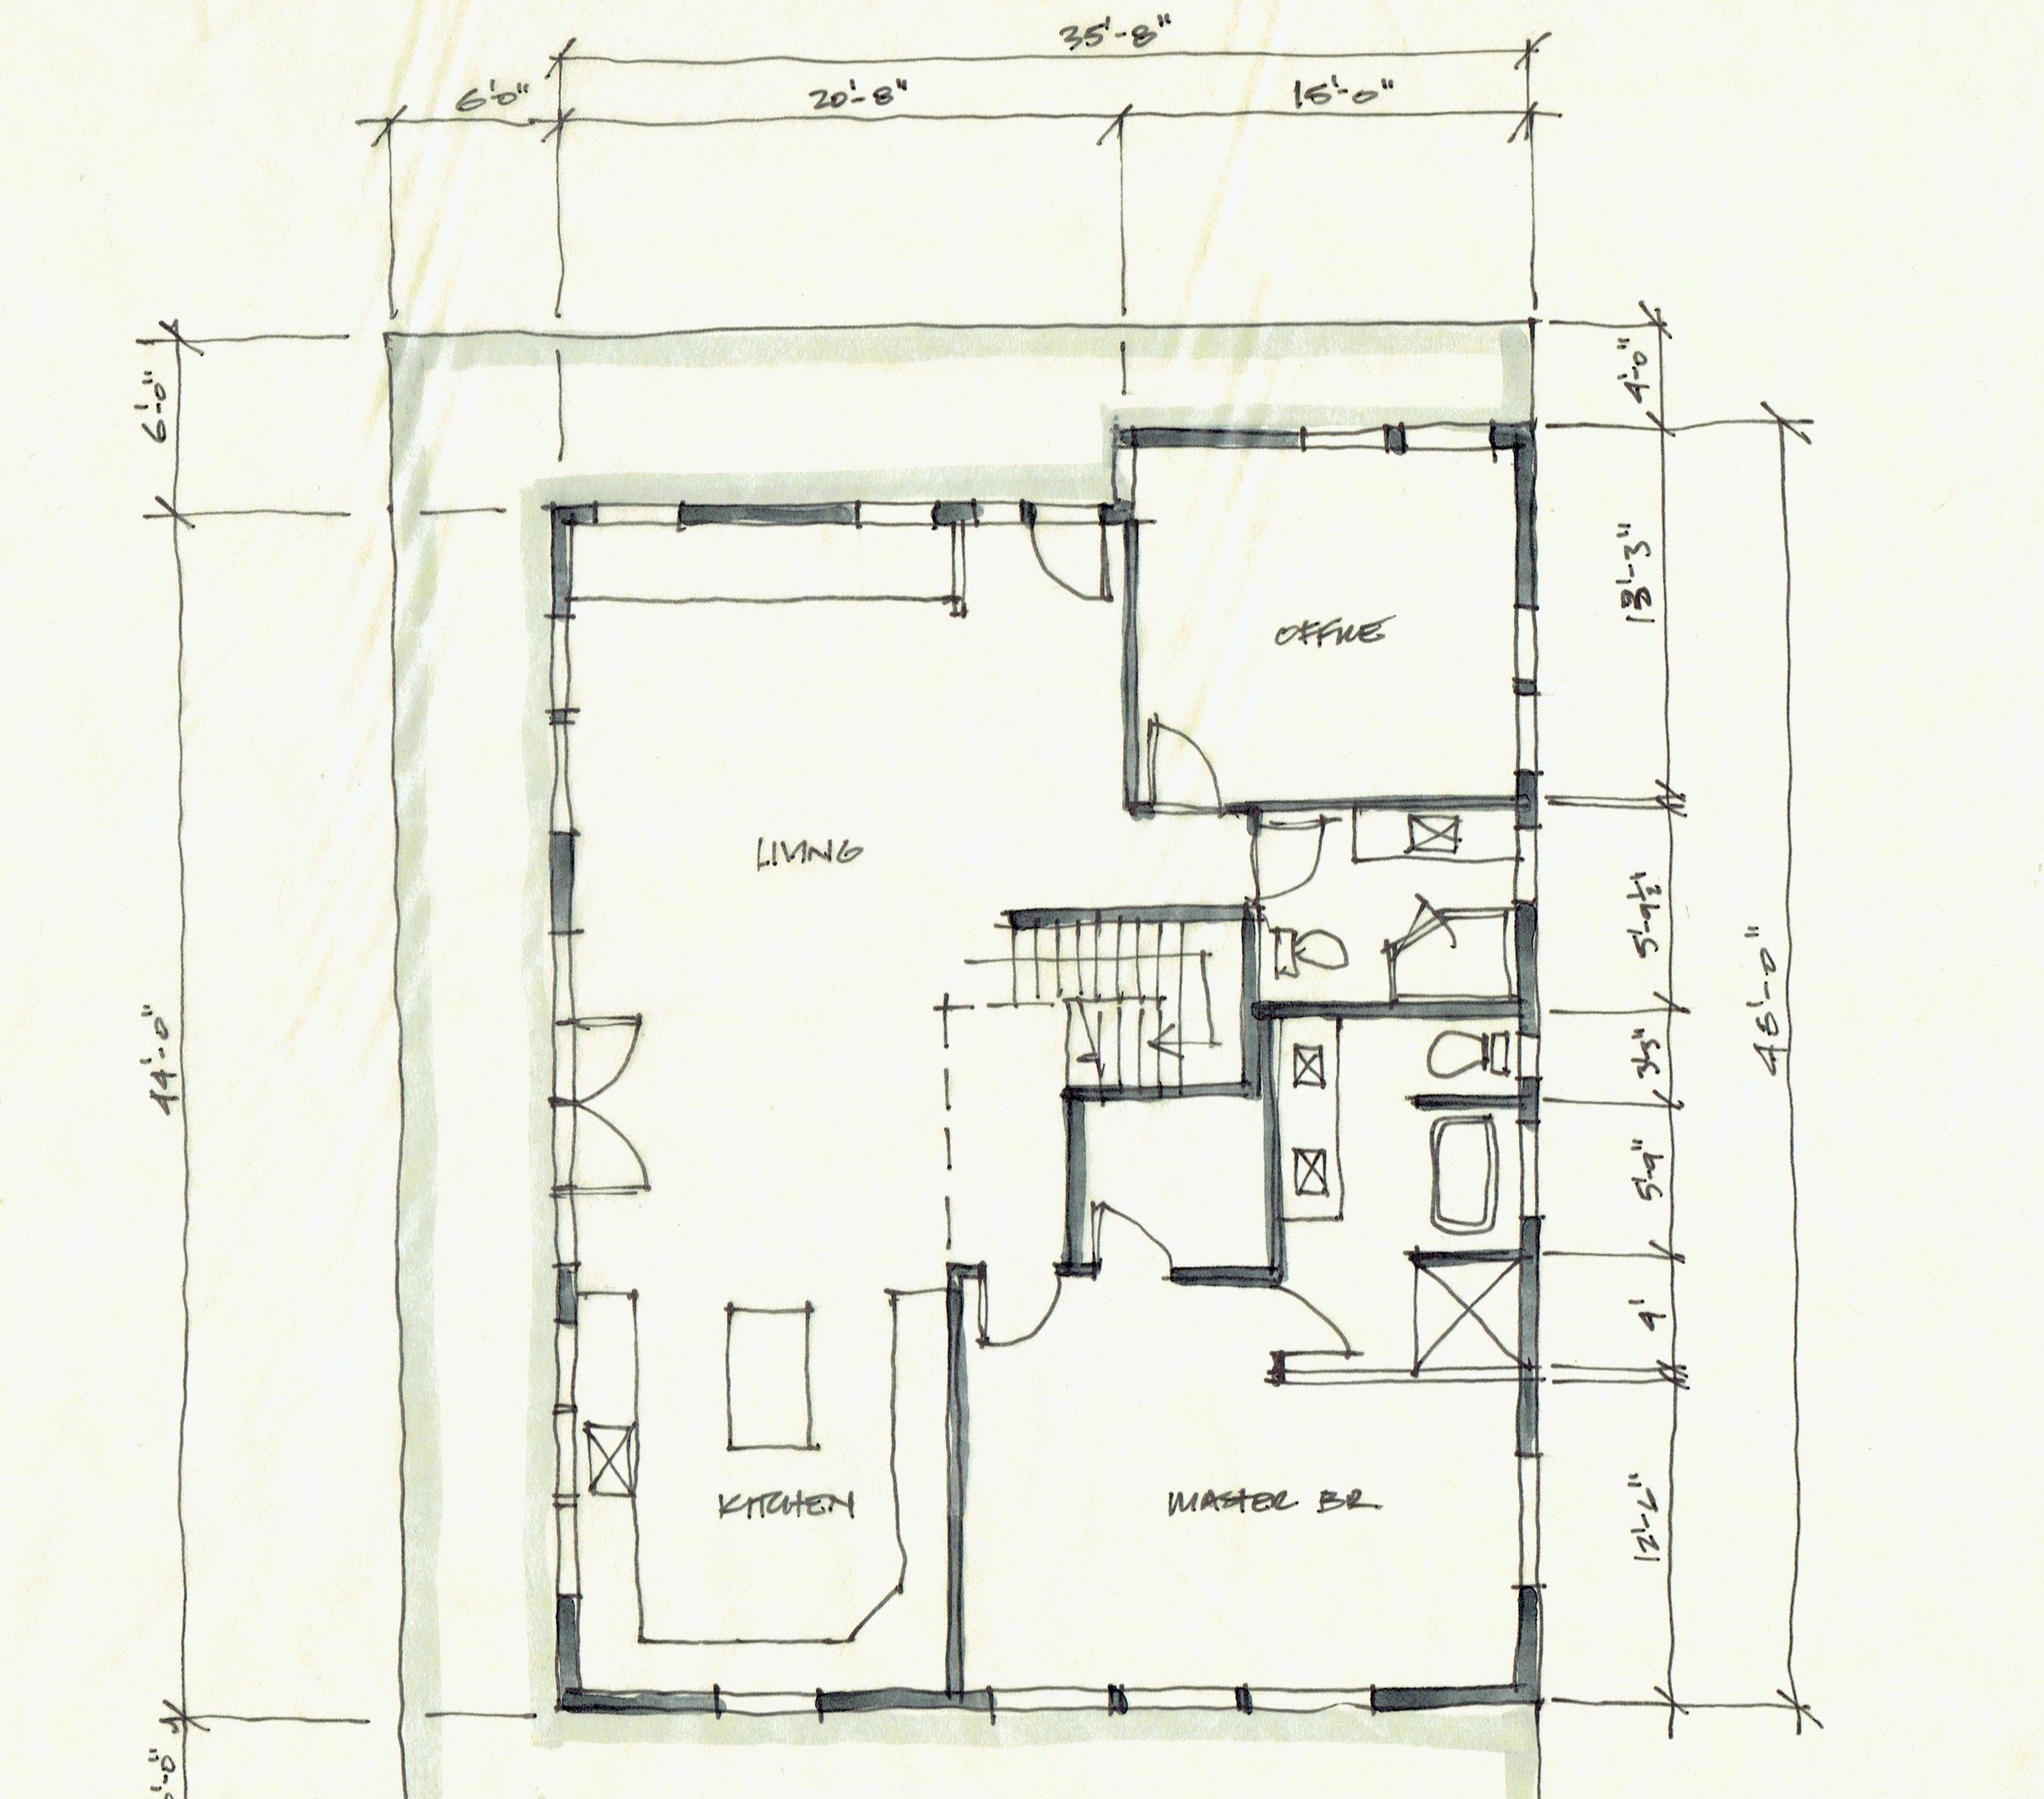 lower floor plan .jpg